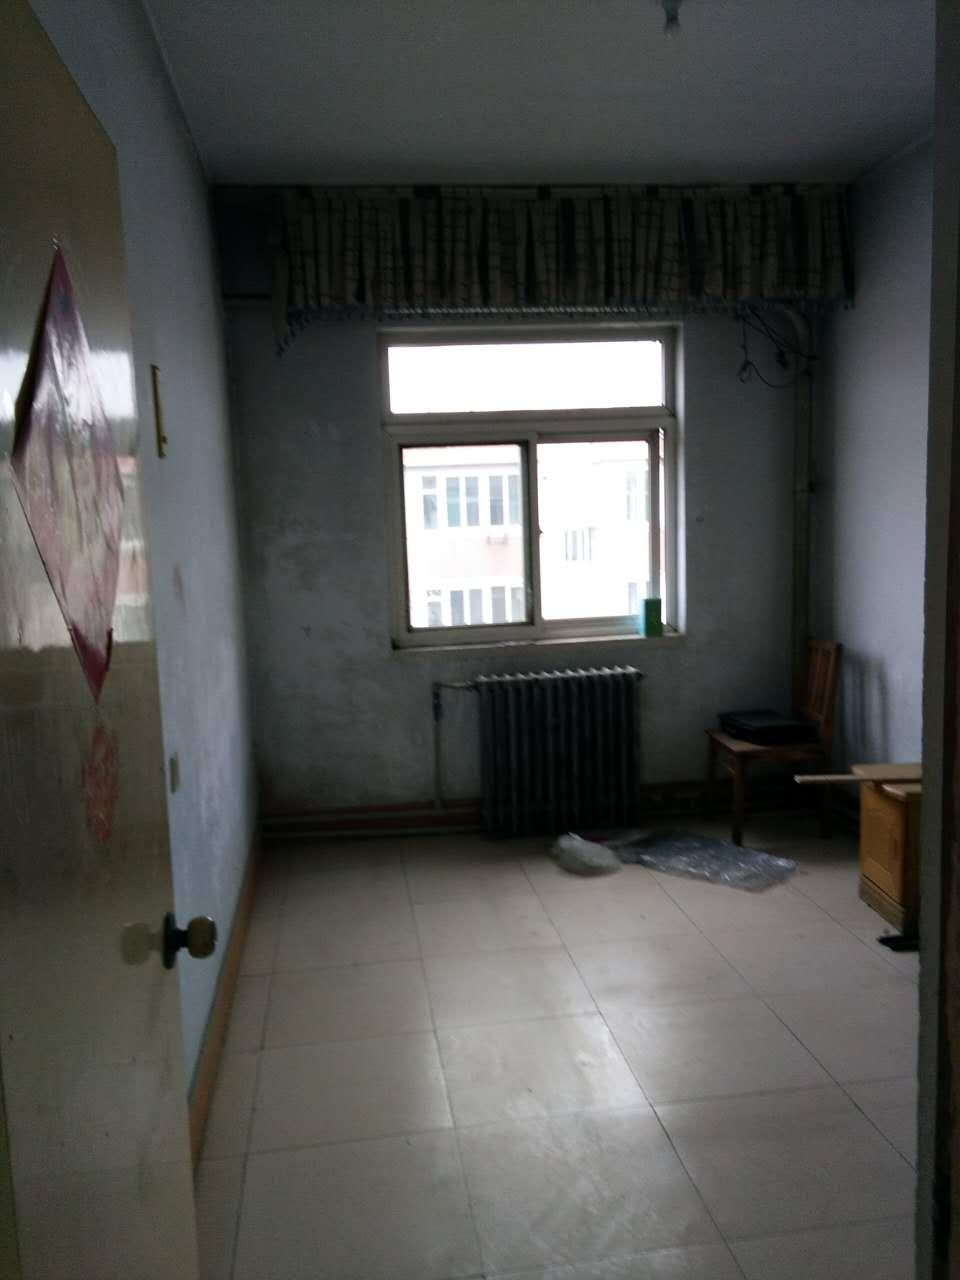 十三局宿舍南区 3室2厅  简装 55万